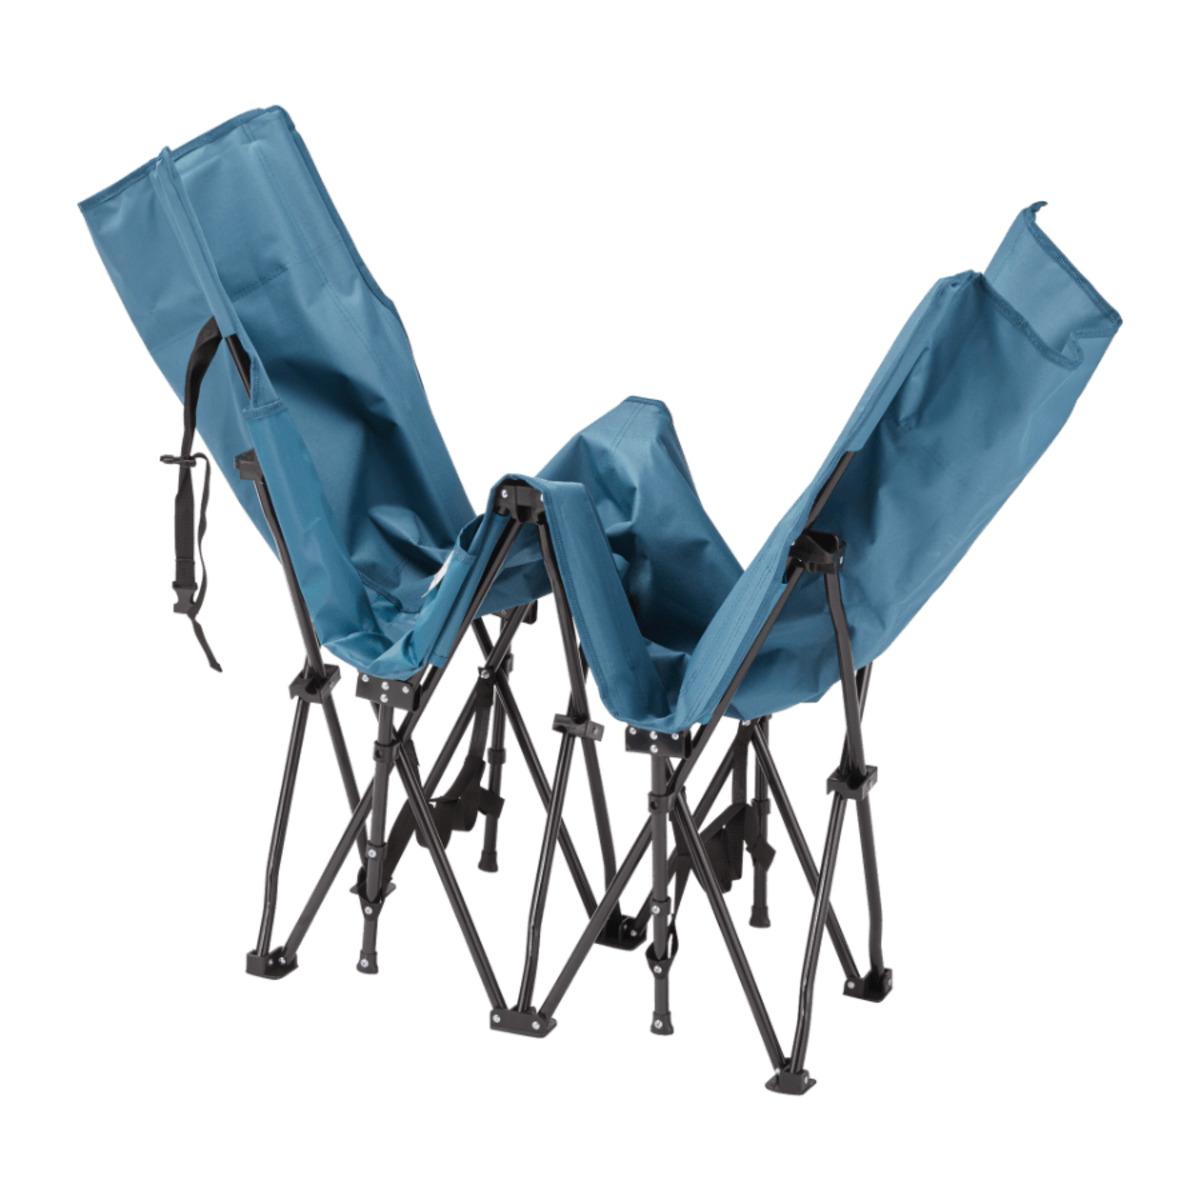 Elegant Campingstuhl Aldi Bild Von Wohndesign Ideen